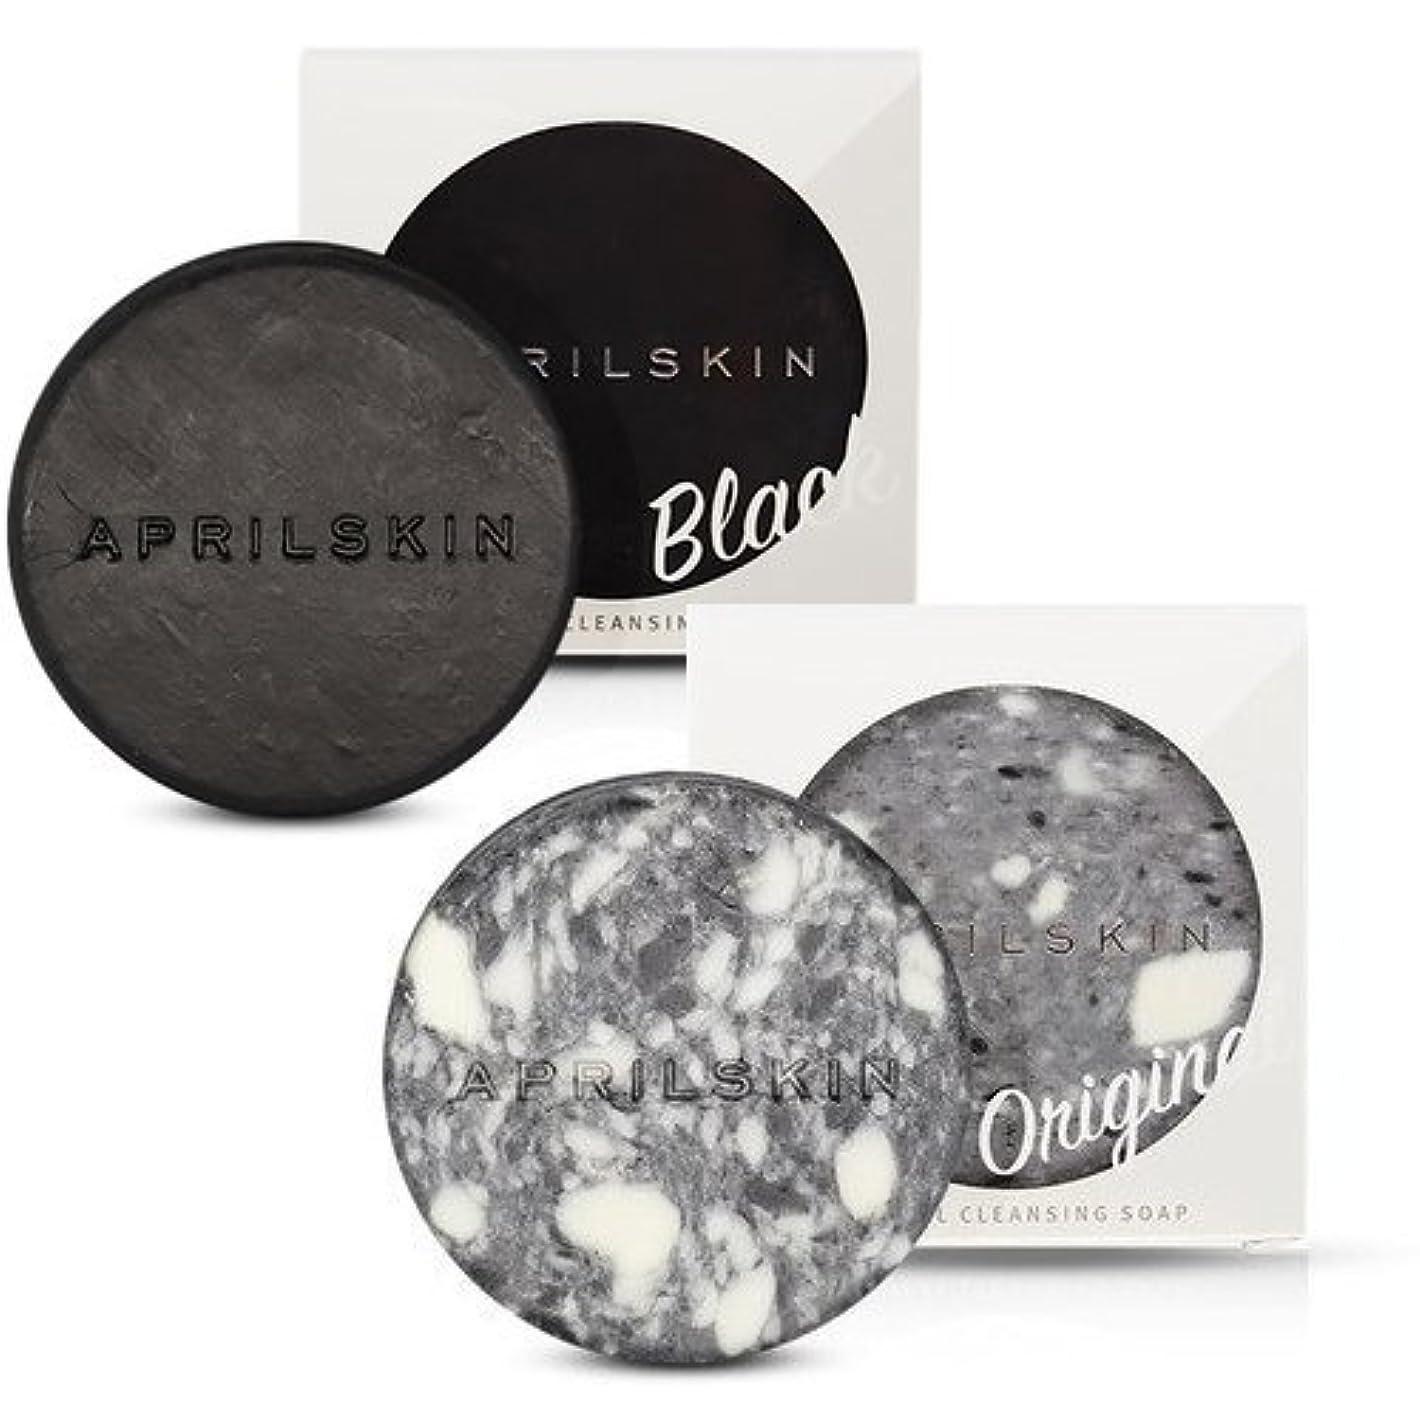 現代ワークショップ韓国[1+1][APRILSKIN] エイプリルスキン国民石鹸 (APRIL SKIN マジックストーンのリニューアルバージョン新発売) (ORIGINAL+BLACK) [並行輸入品]